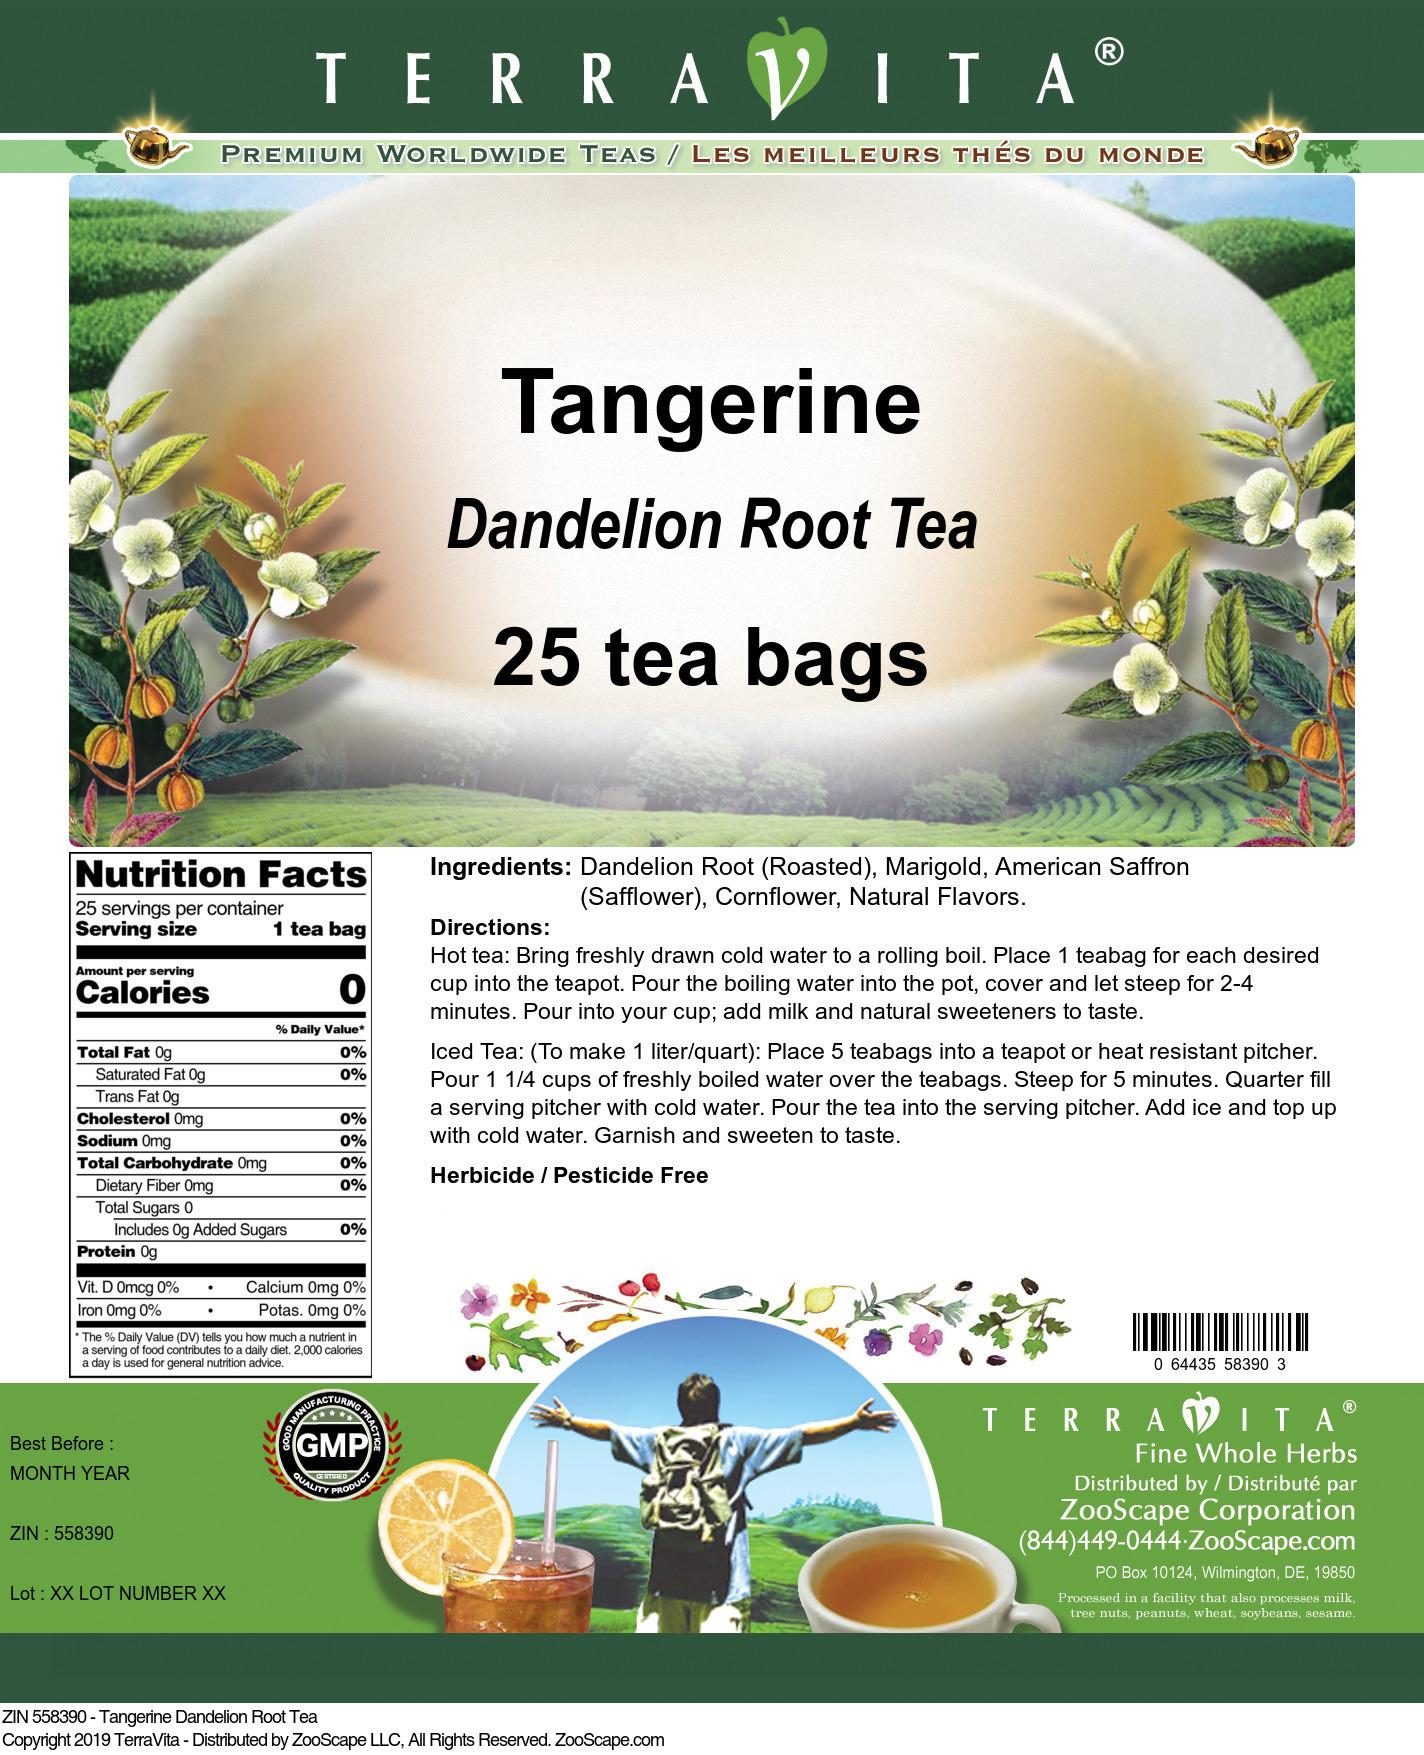 Tangerine Dandelion Root Tea